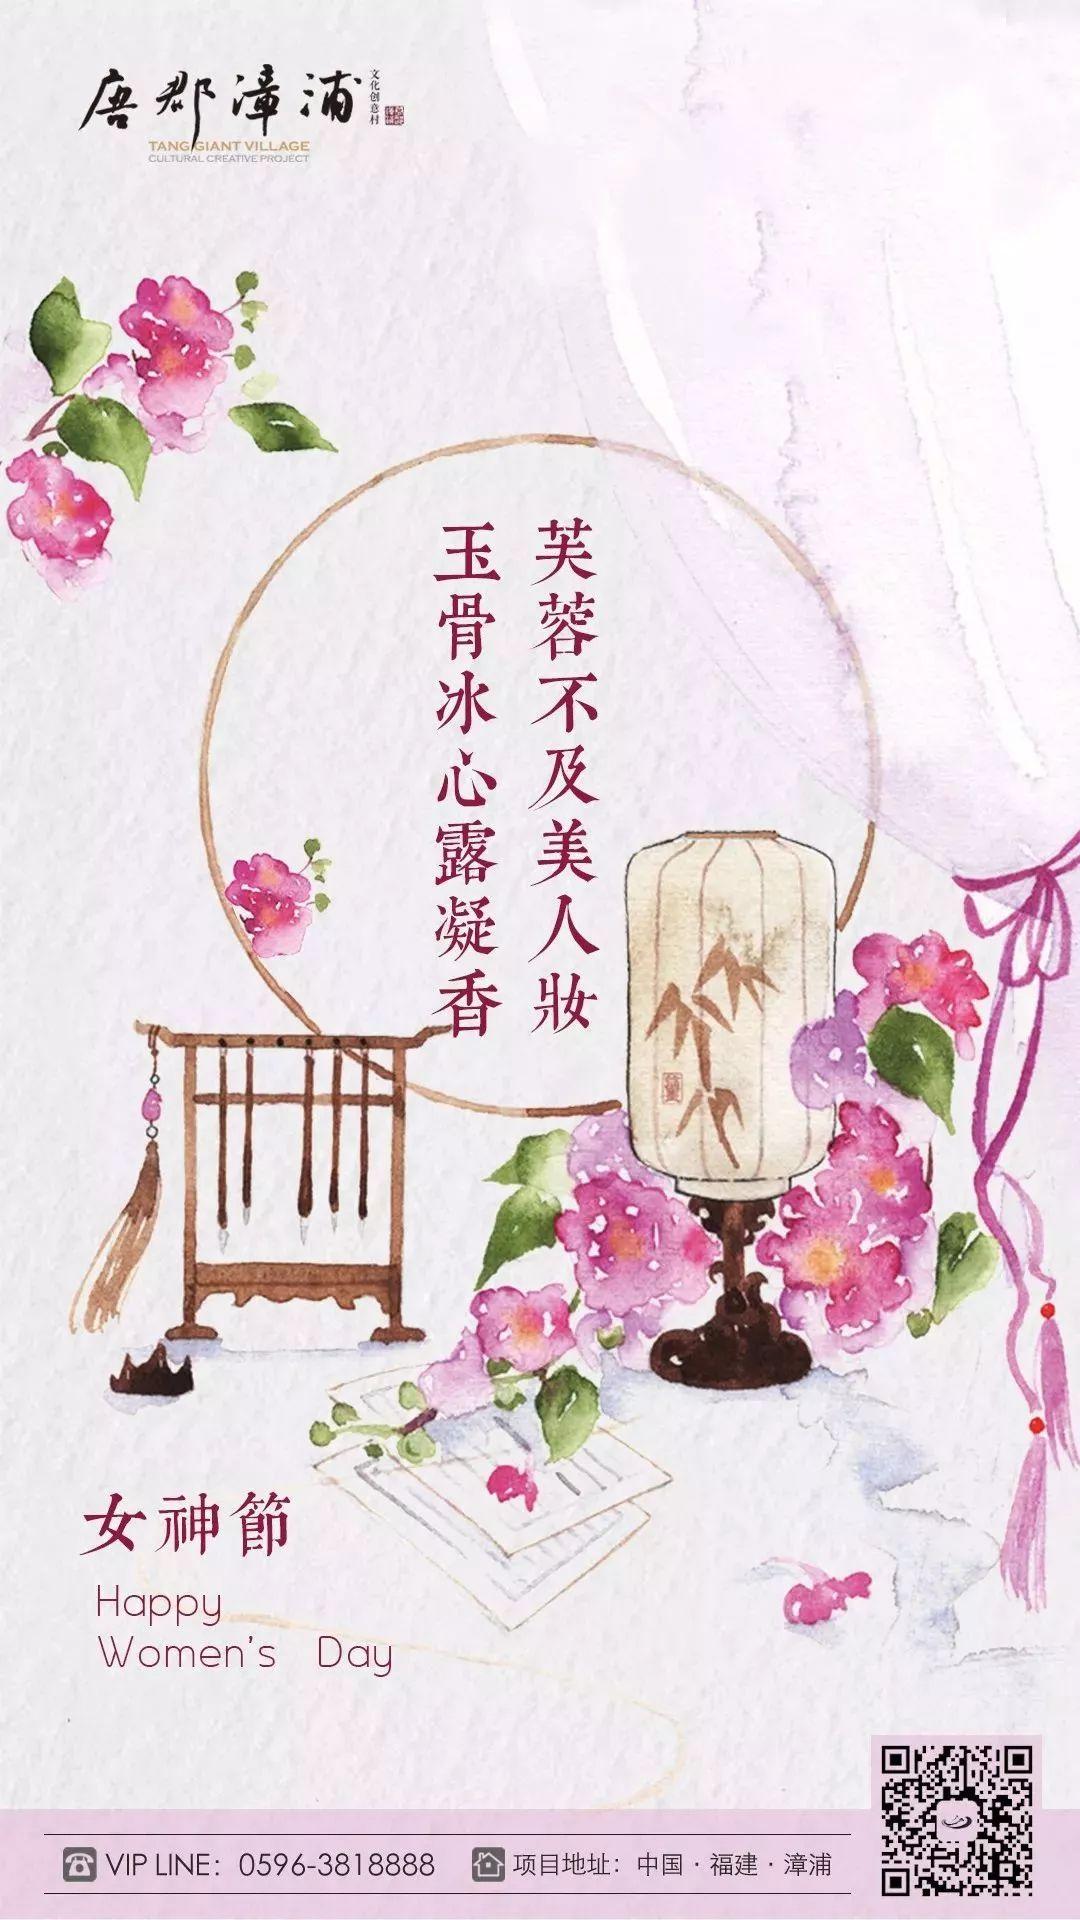 三八女神节 | 文案祝福:愿以美好,呵护你的高光!插图10